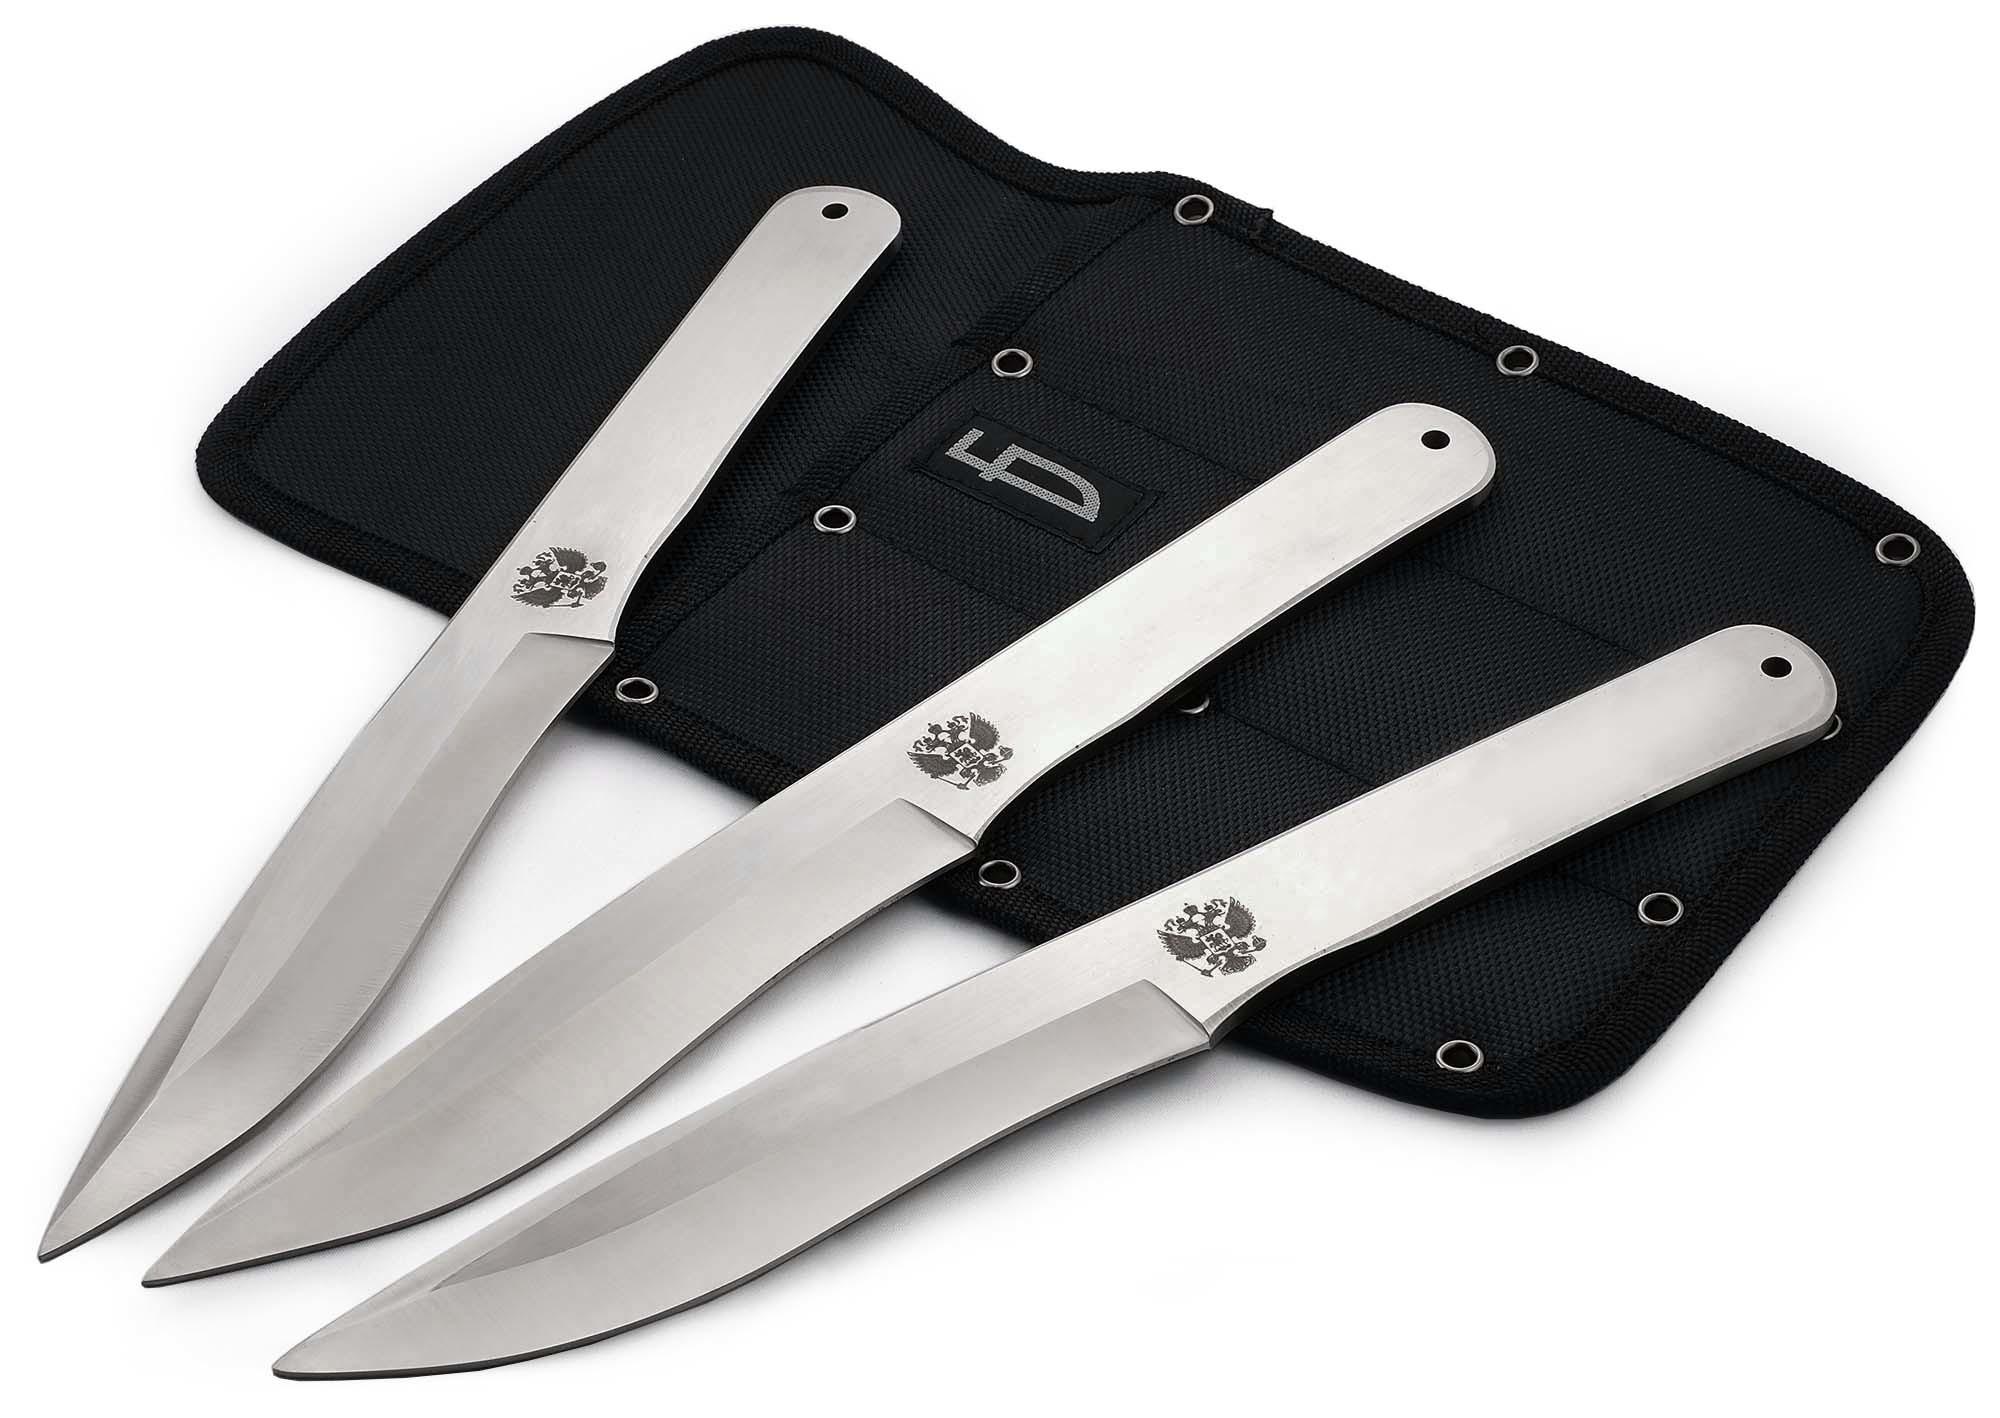 Набор из 3 метательных ножей Герб , M-120G набор из 5 метательных ножей m 113